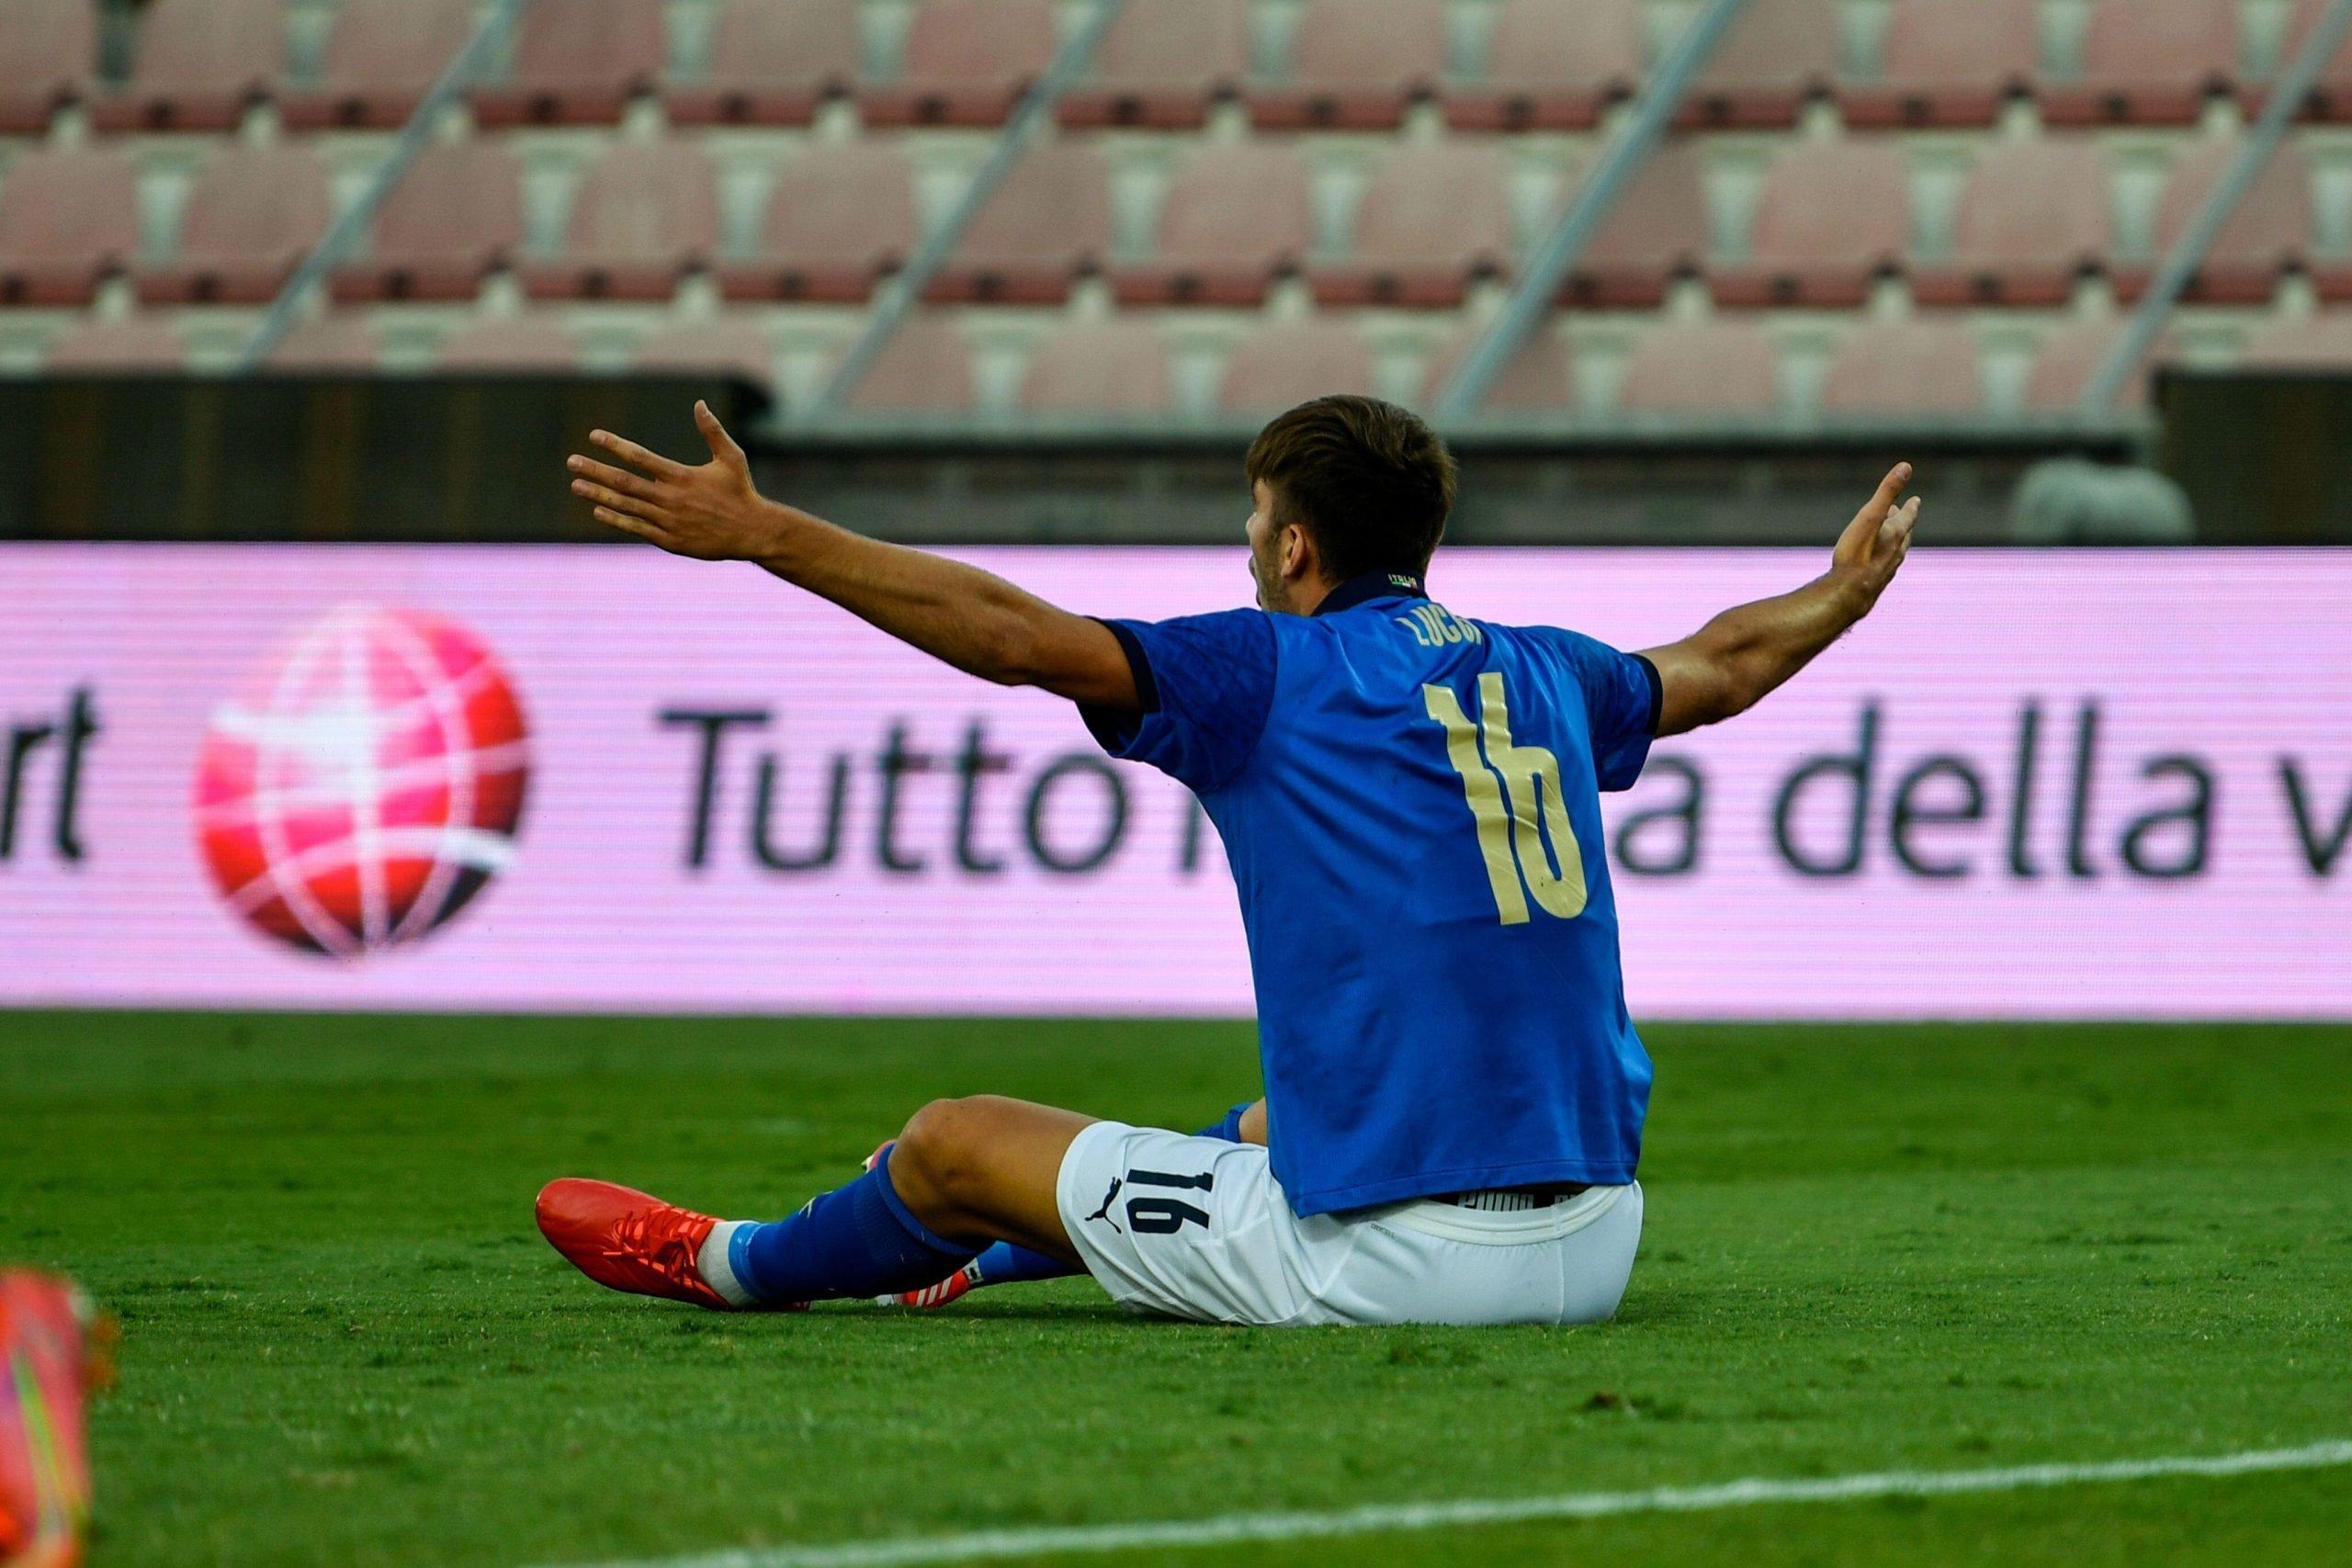 Italien Sverige U21 speltips odds